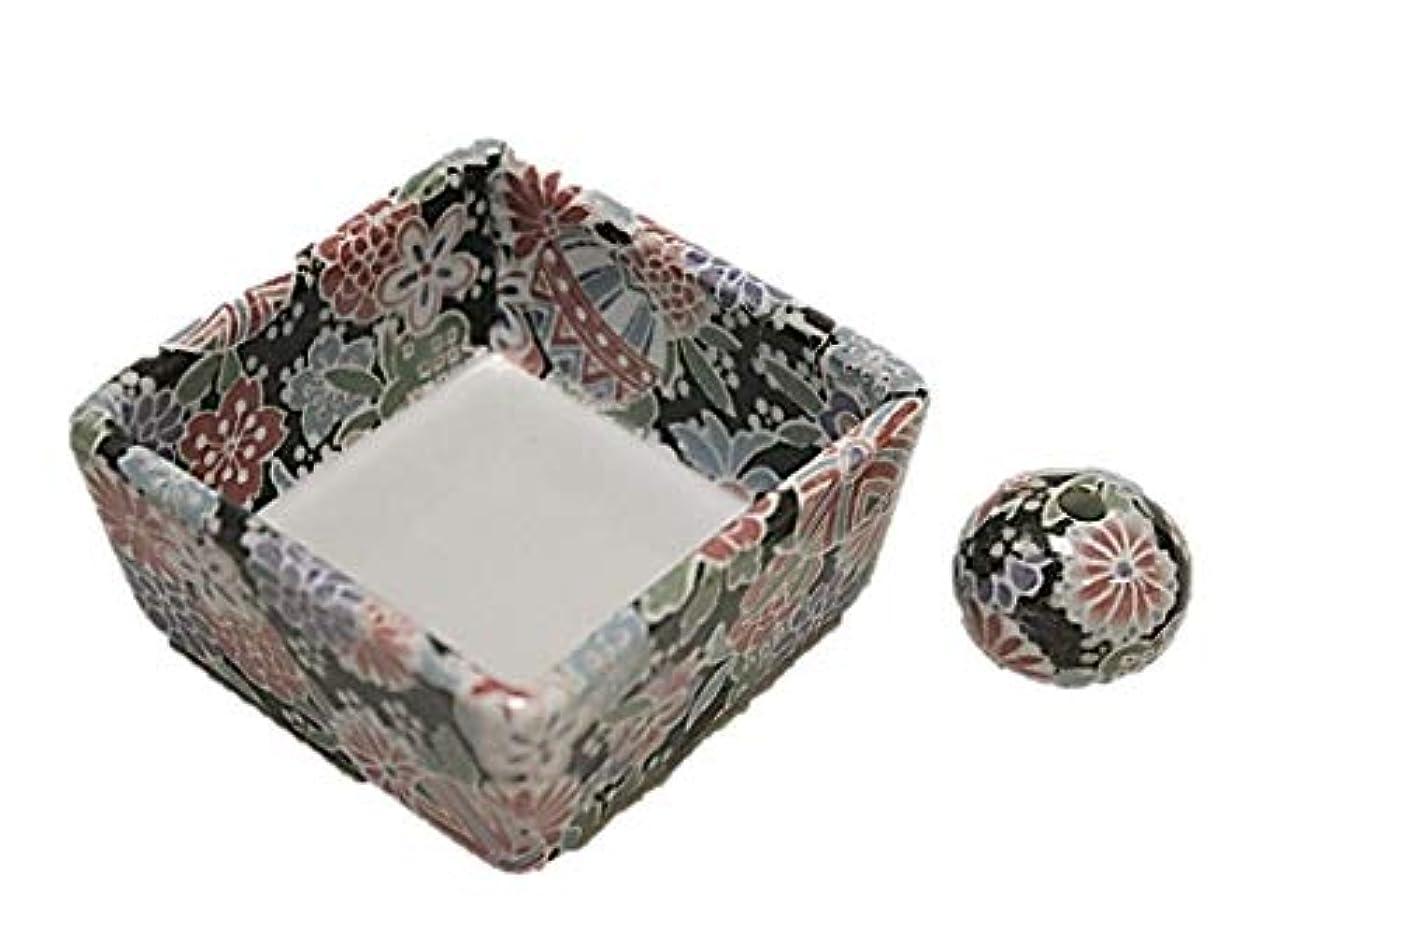 着飾る期待輸血■製造直売 陶器 角鉢 和モダン 京雅黒 お香立て ACSWEBSHOPオリジナル